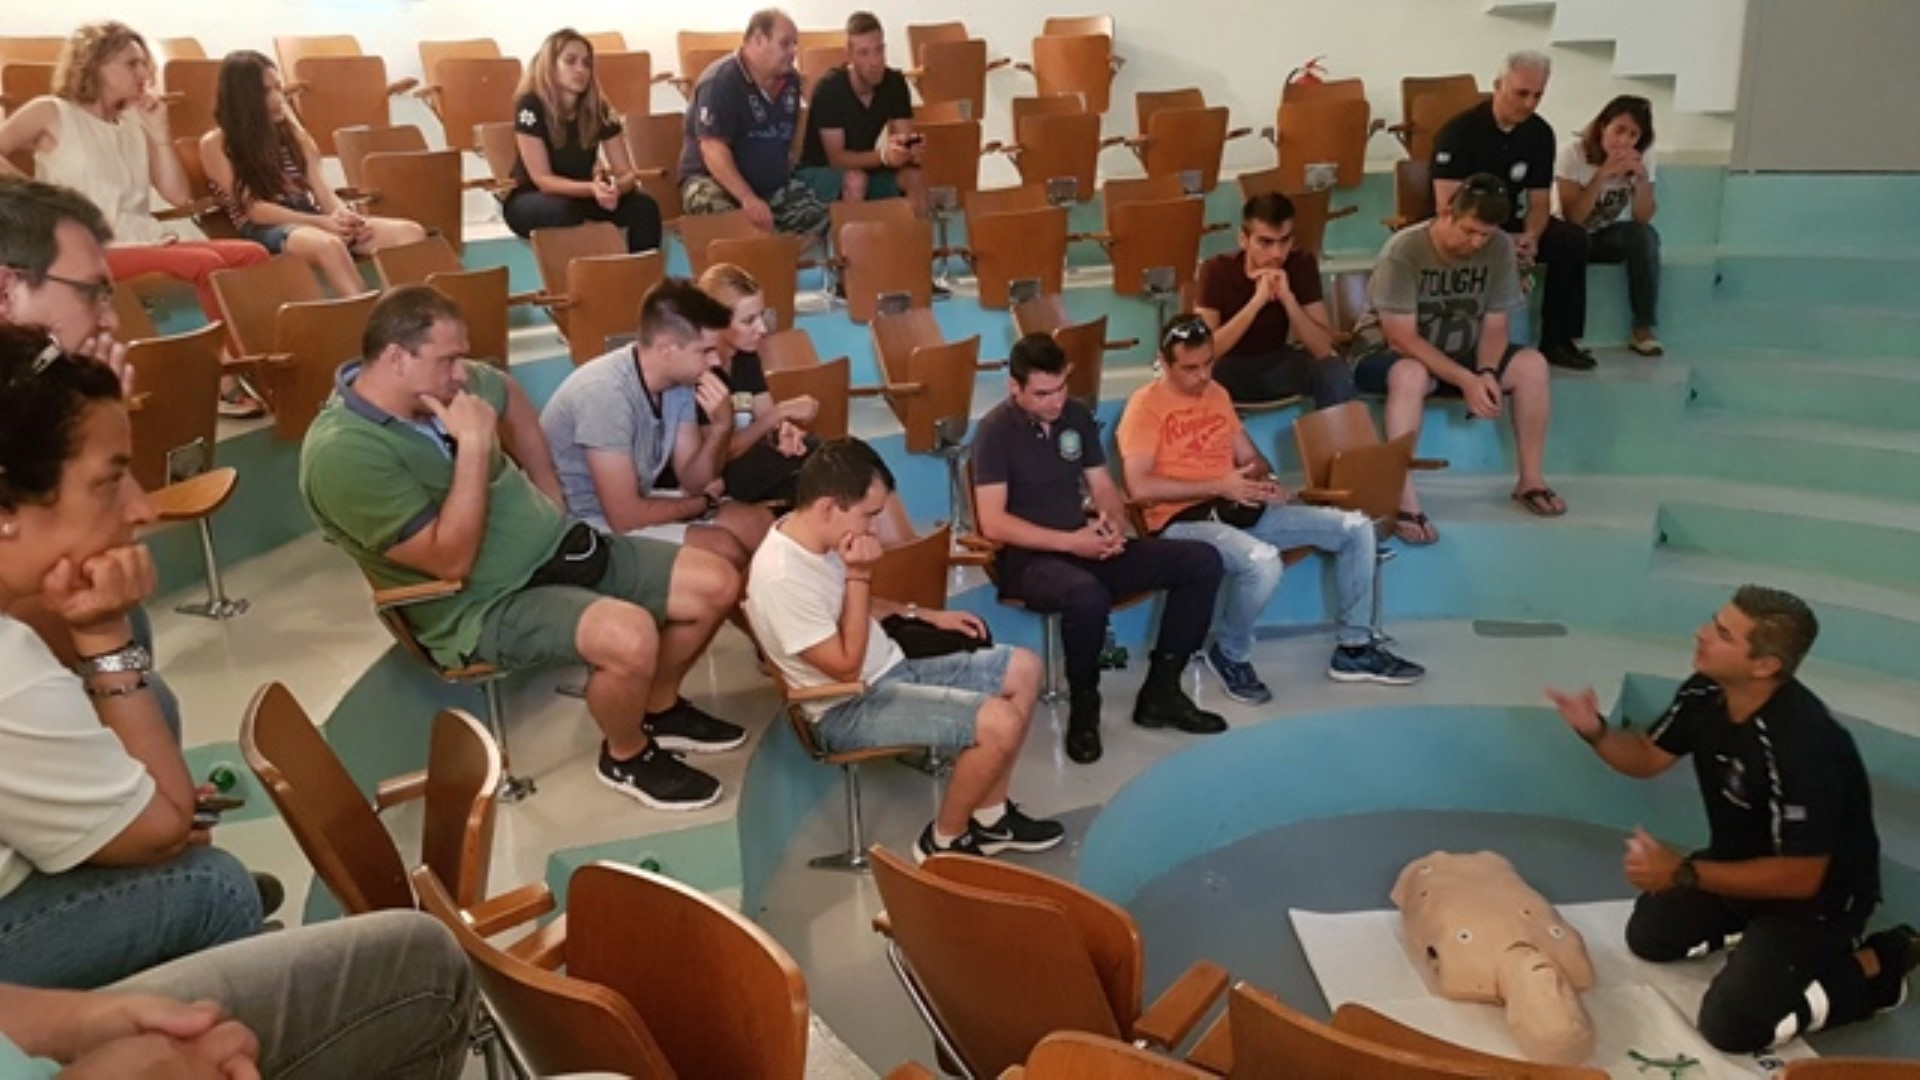 Εκπαίδευση πρώτων βοηθειών για τα στελέχη Λ.Σ.- ΕΛ.ΑΚΤ. στην Κεφαλονιά